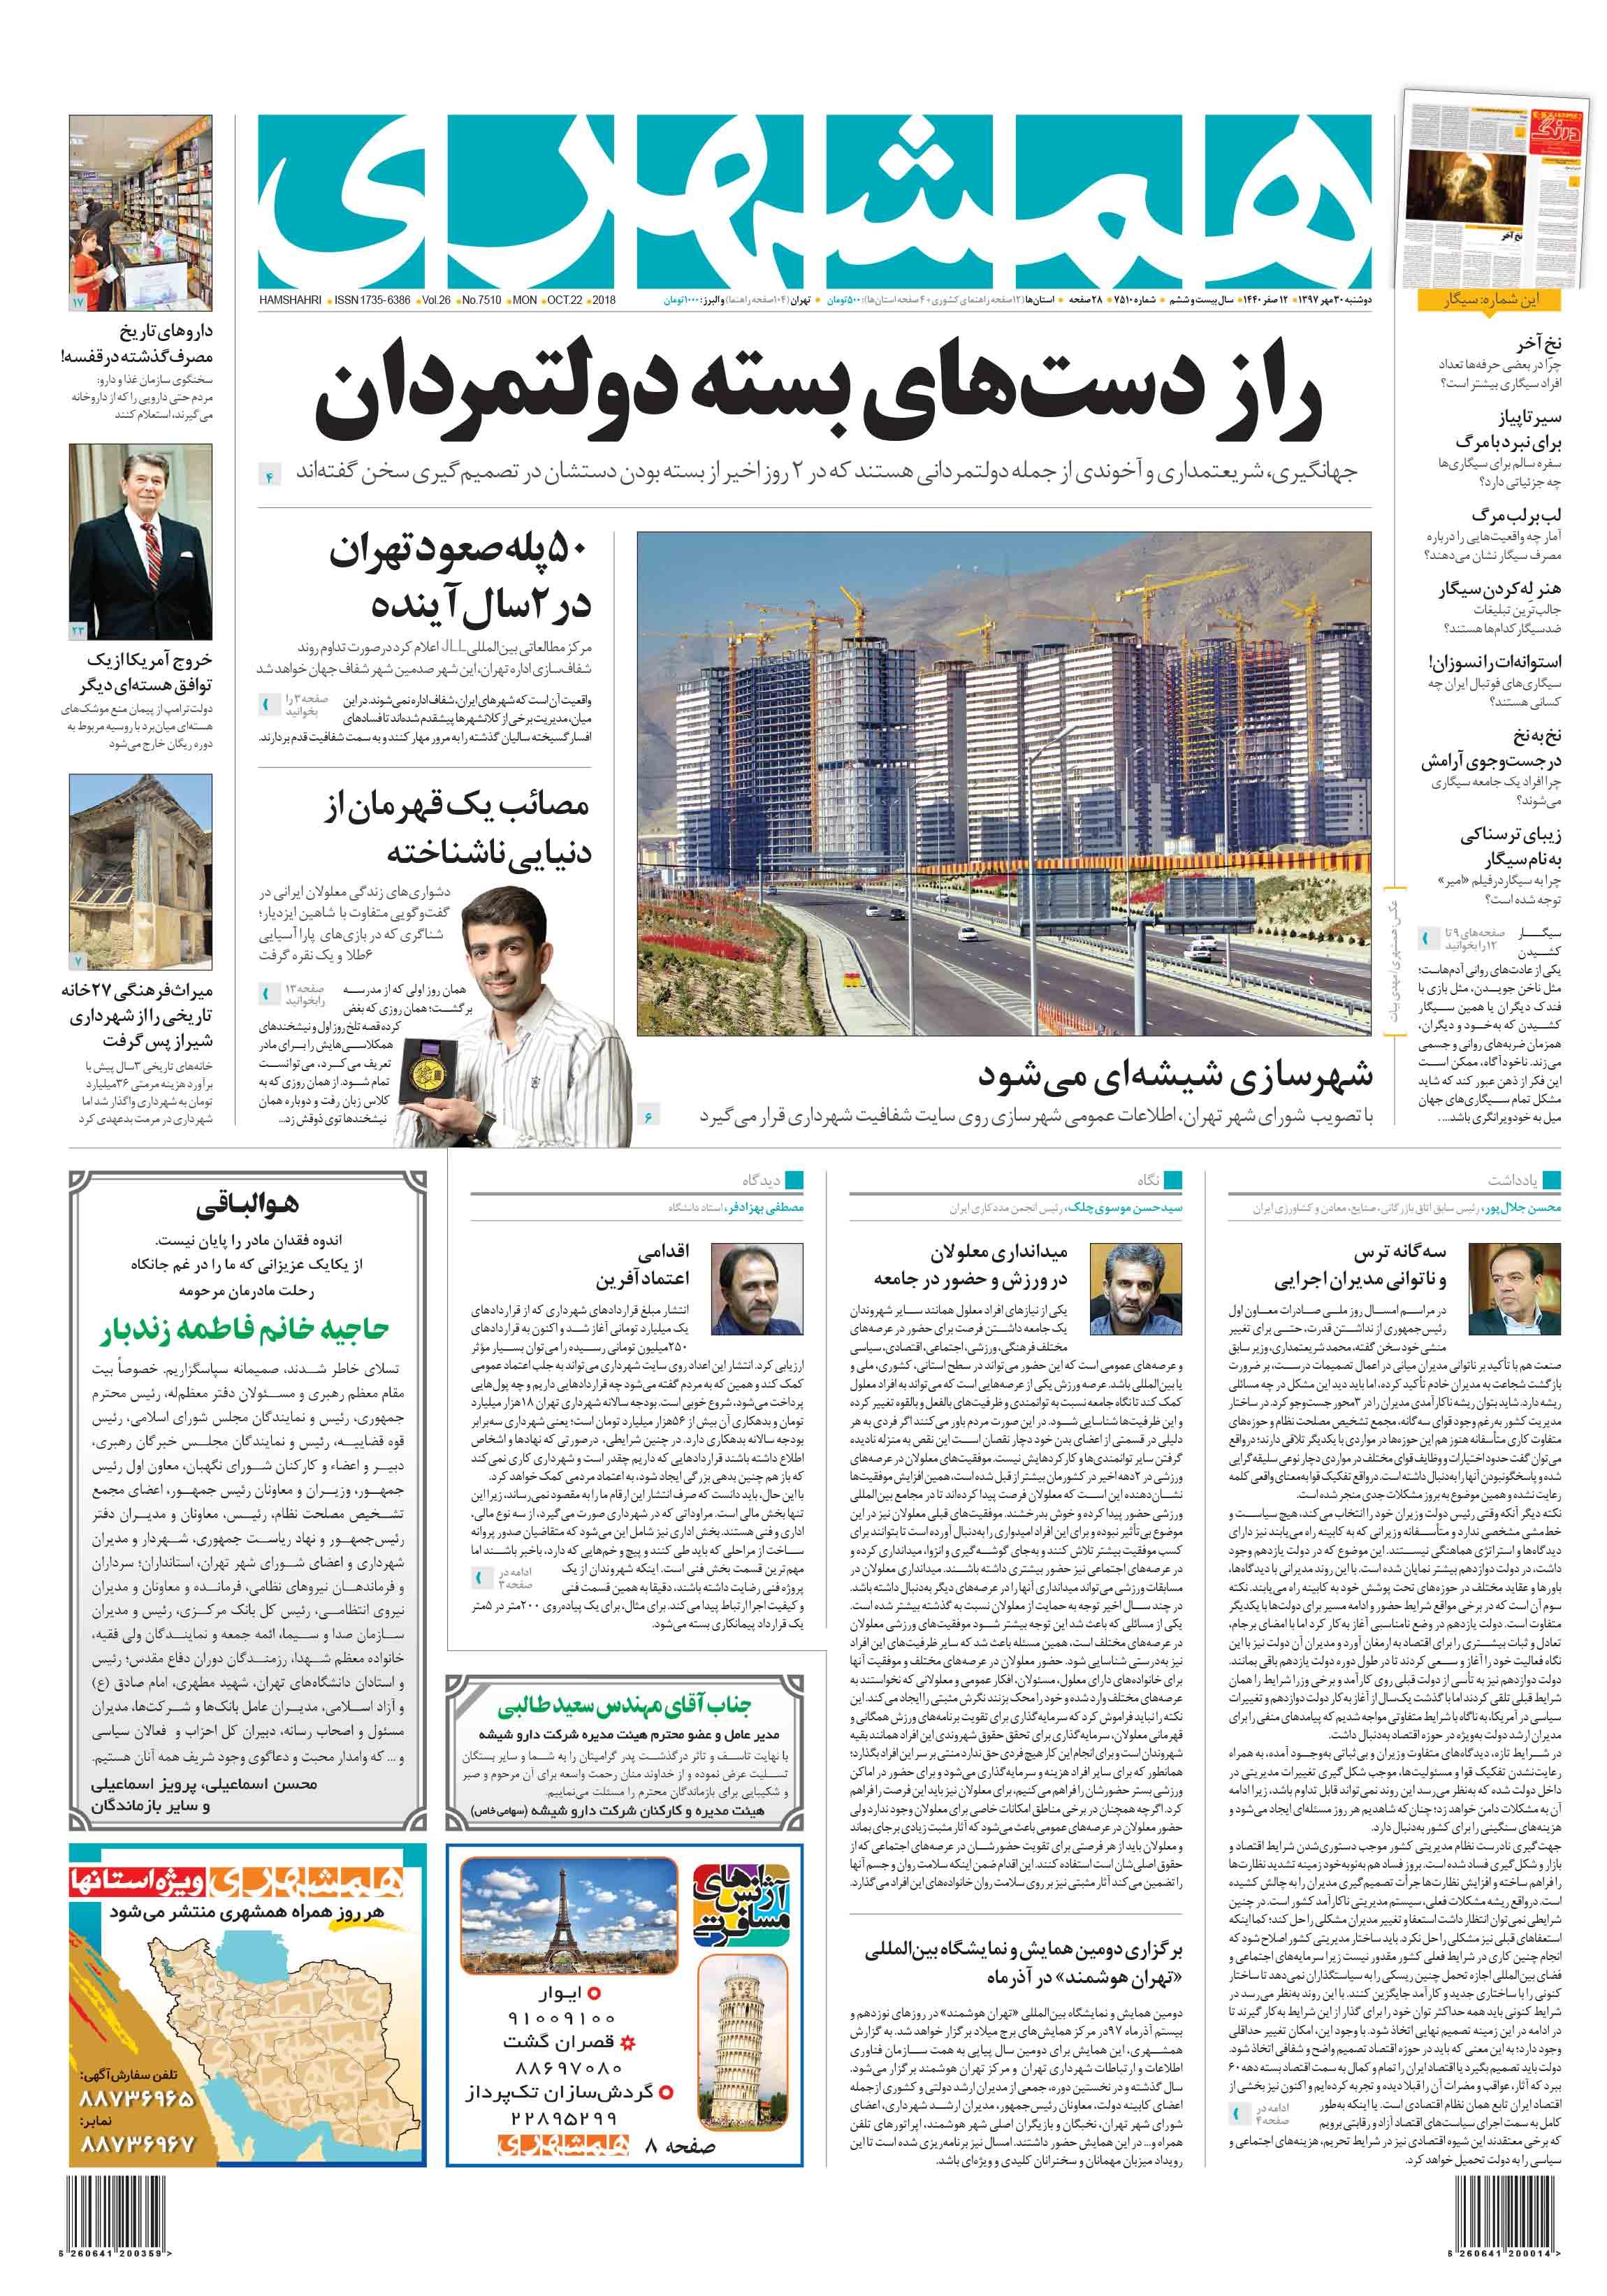 صفحه اول دوشنبه 30 مهر 1397